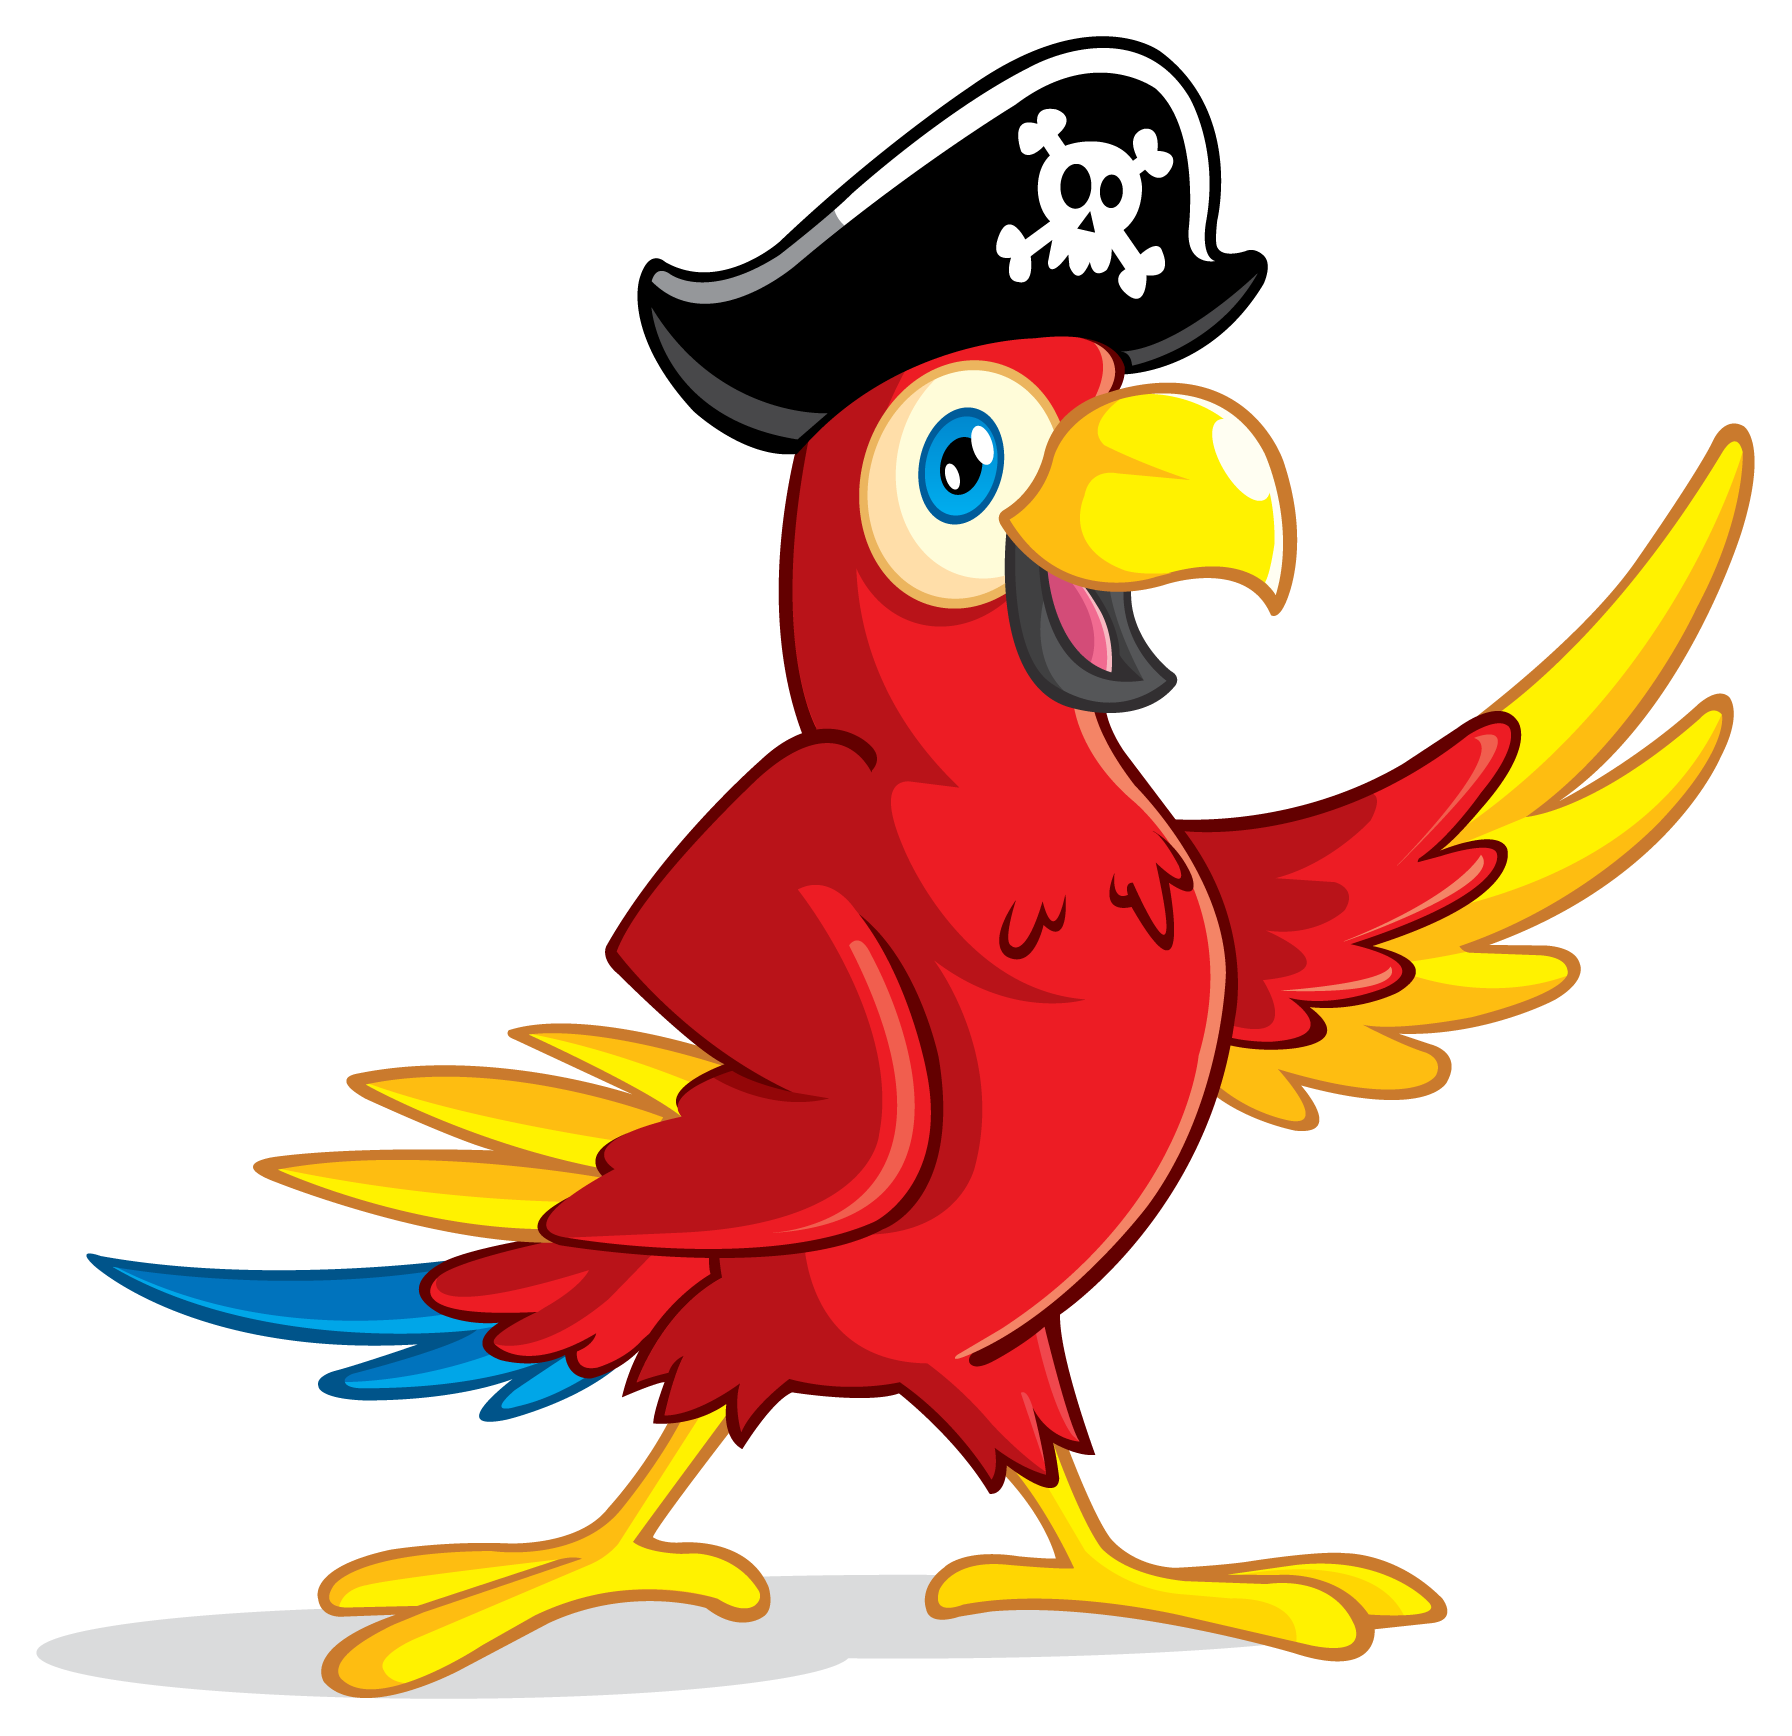 Pirate clipart shovel. Download parrot transparent image